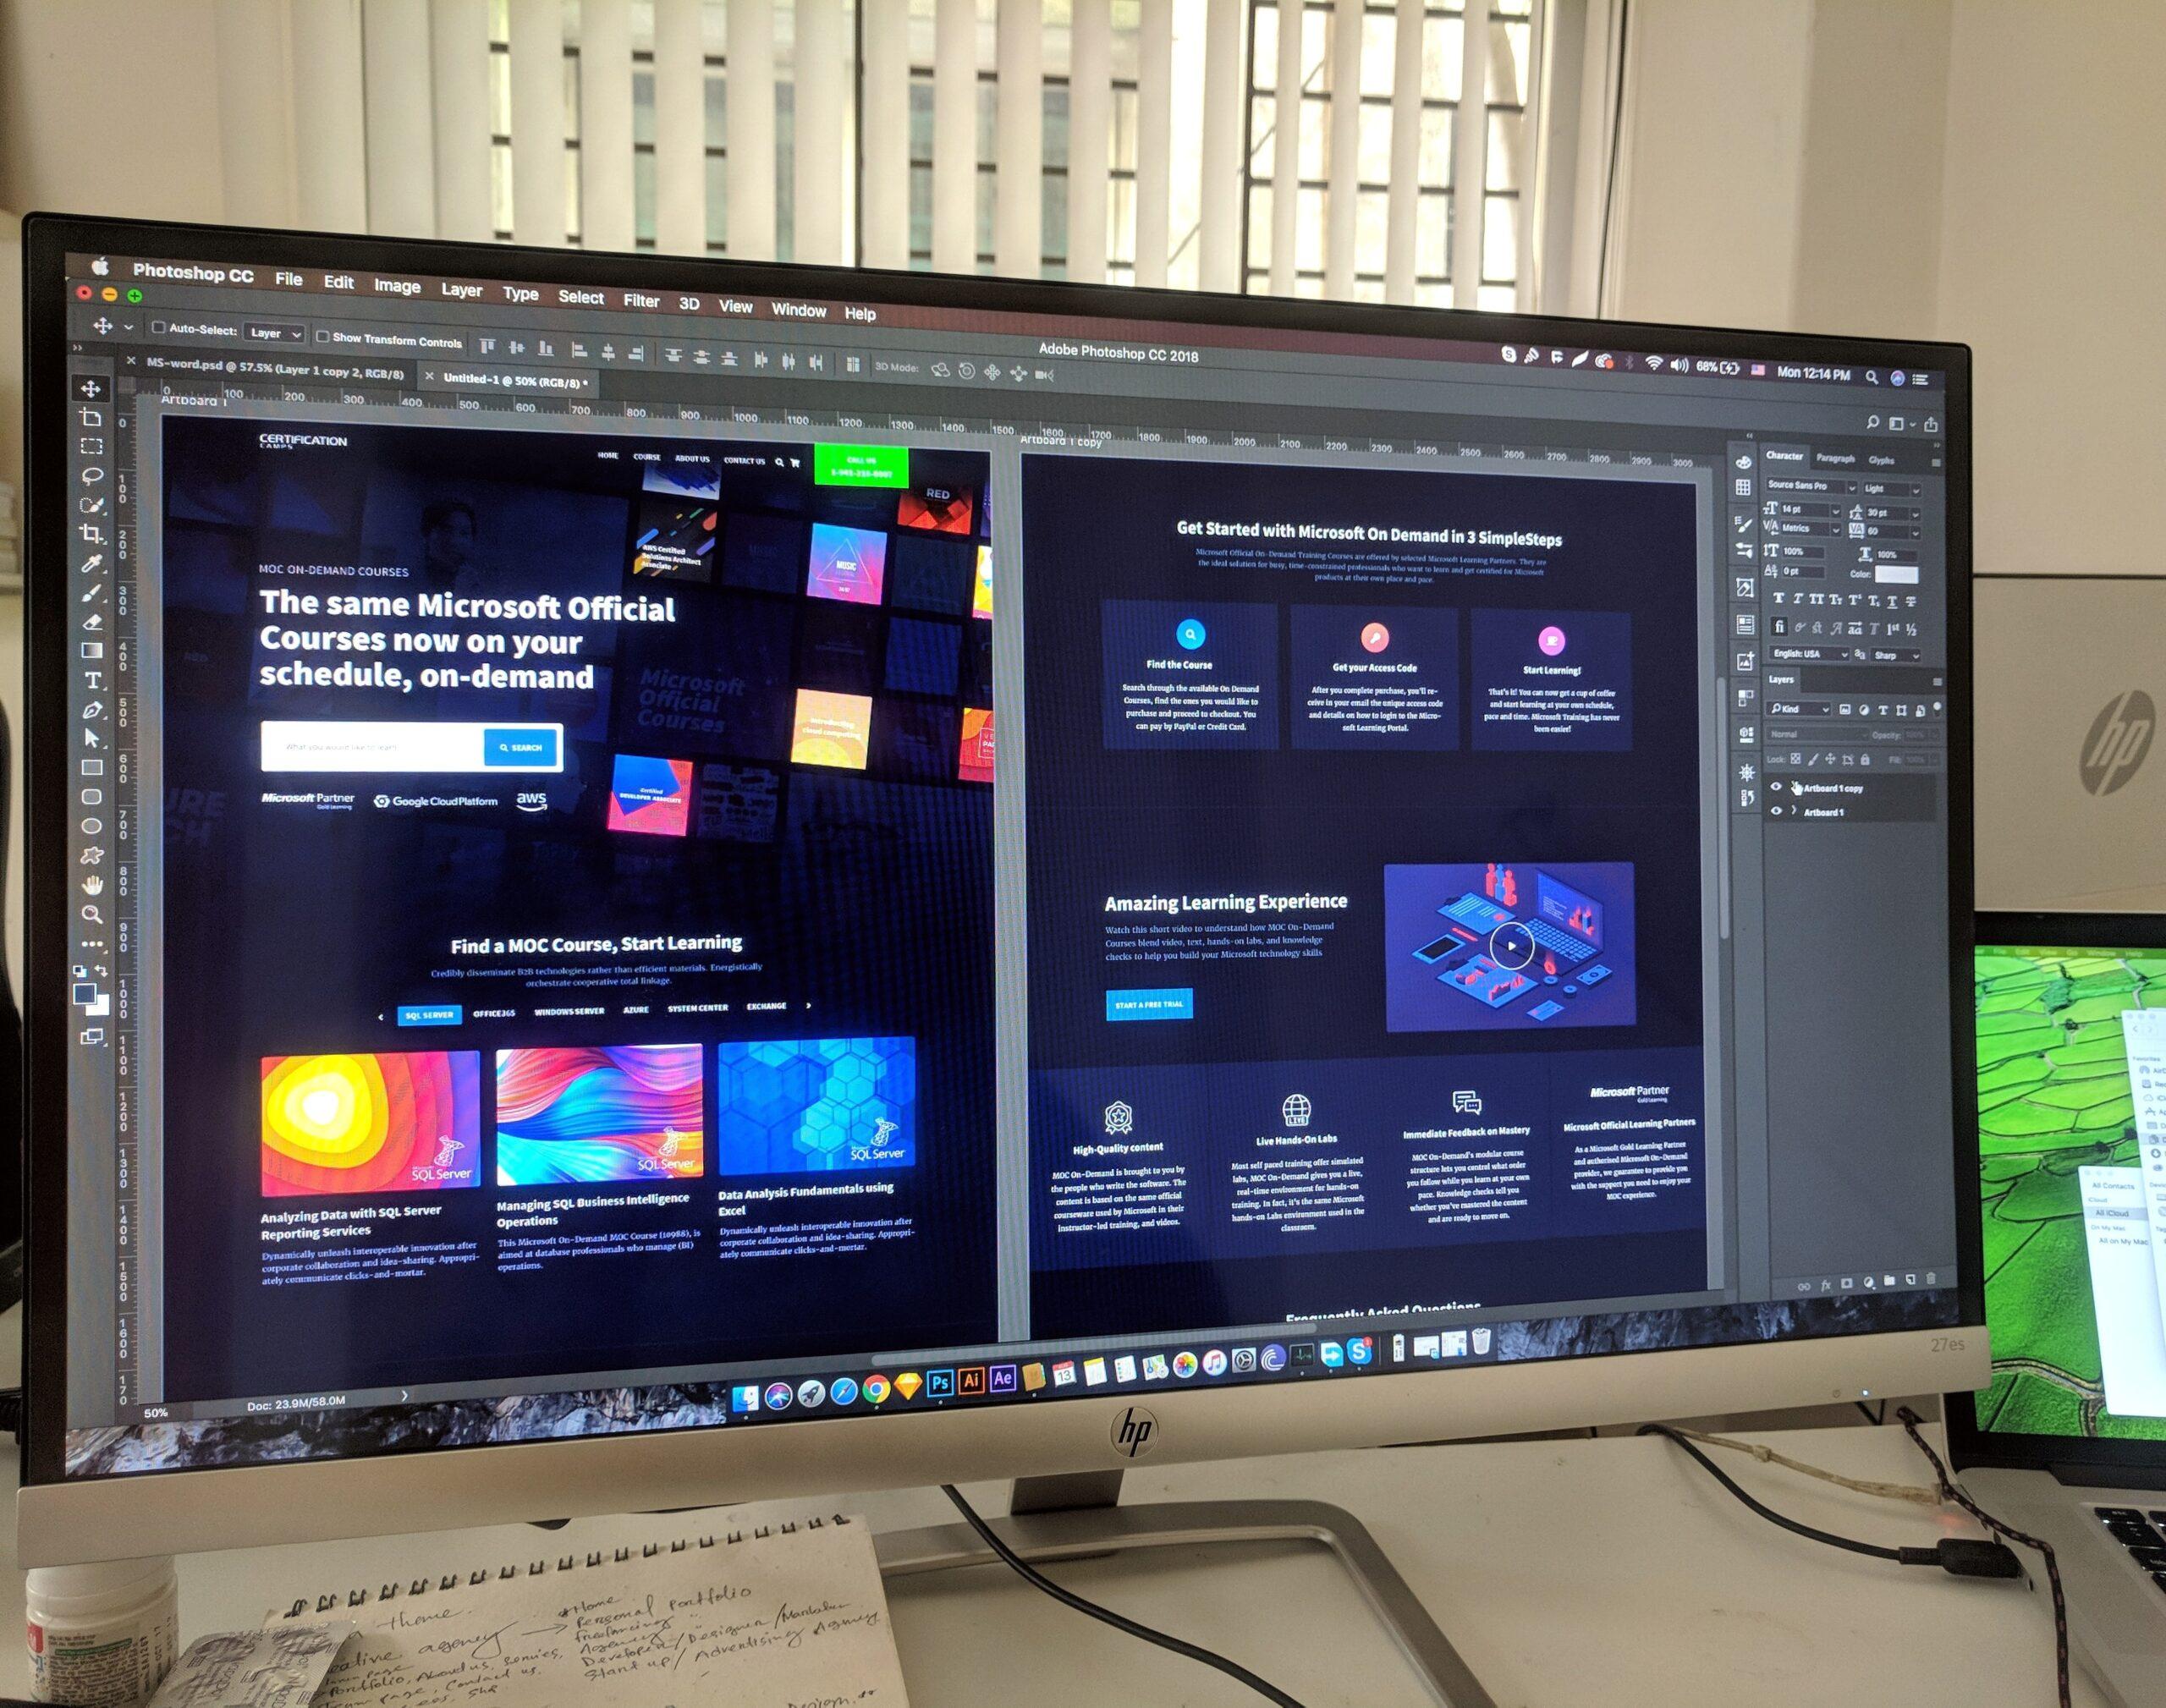 web-design-tools